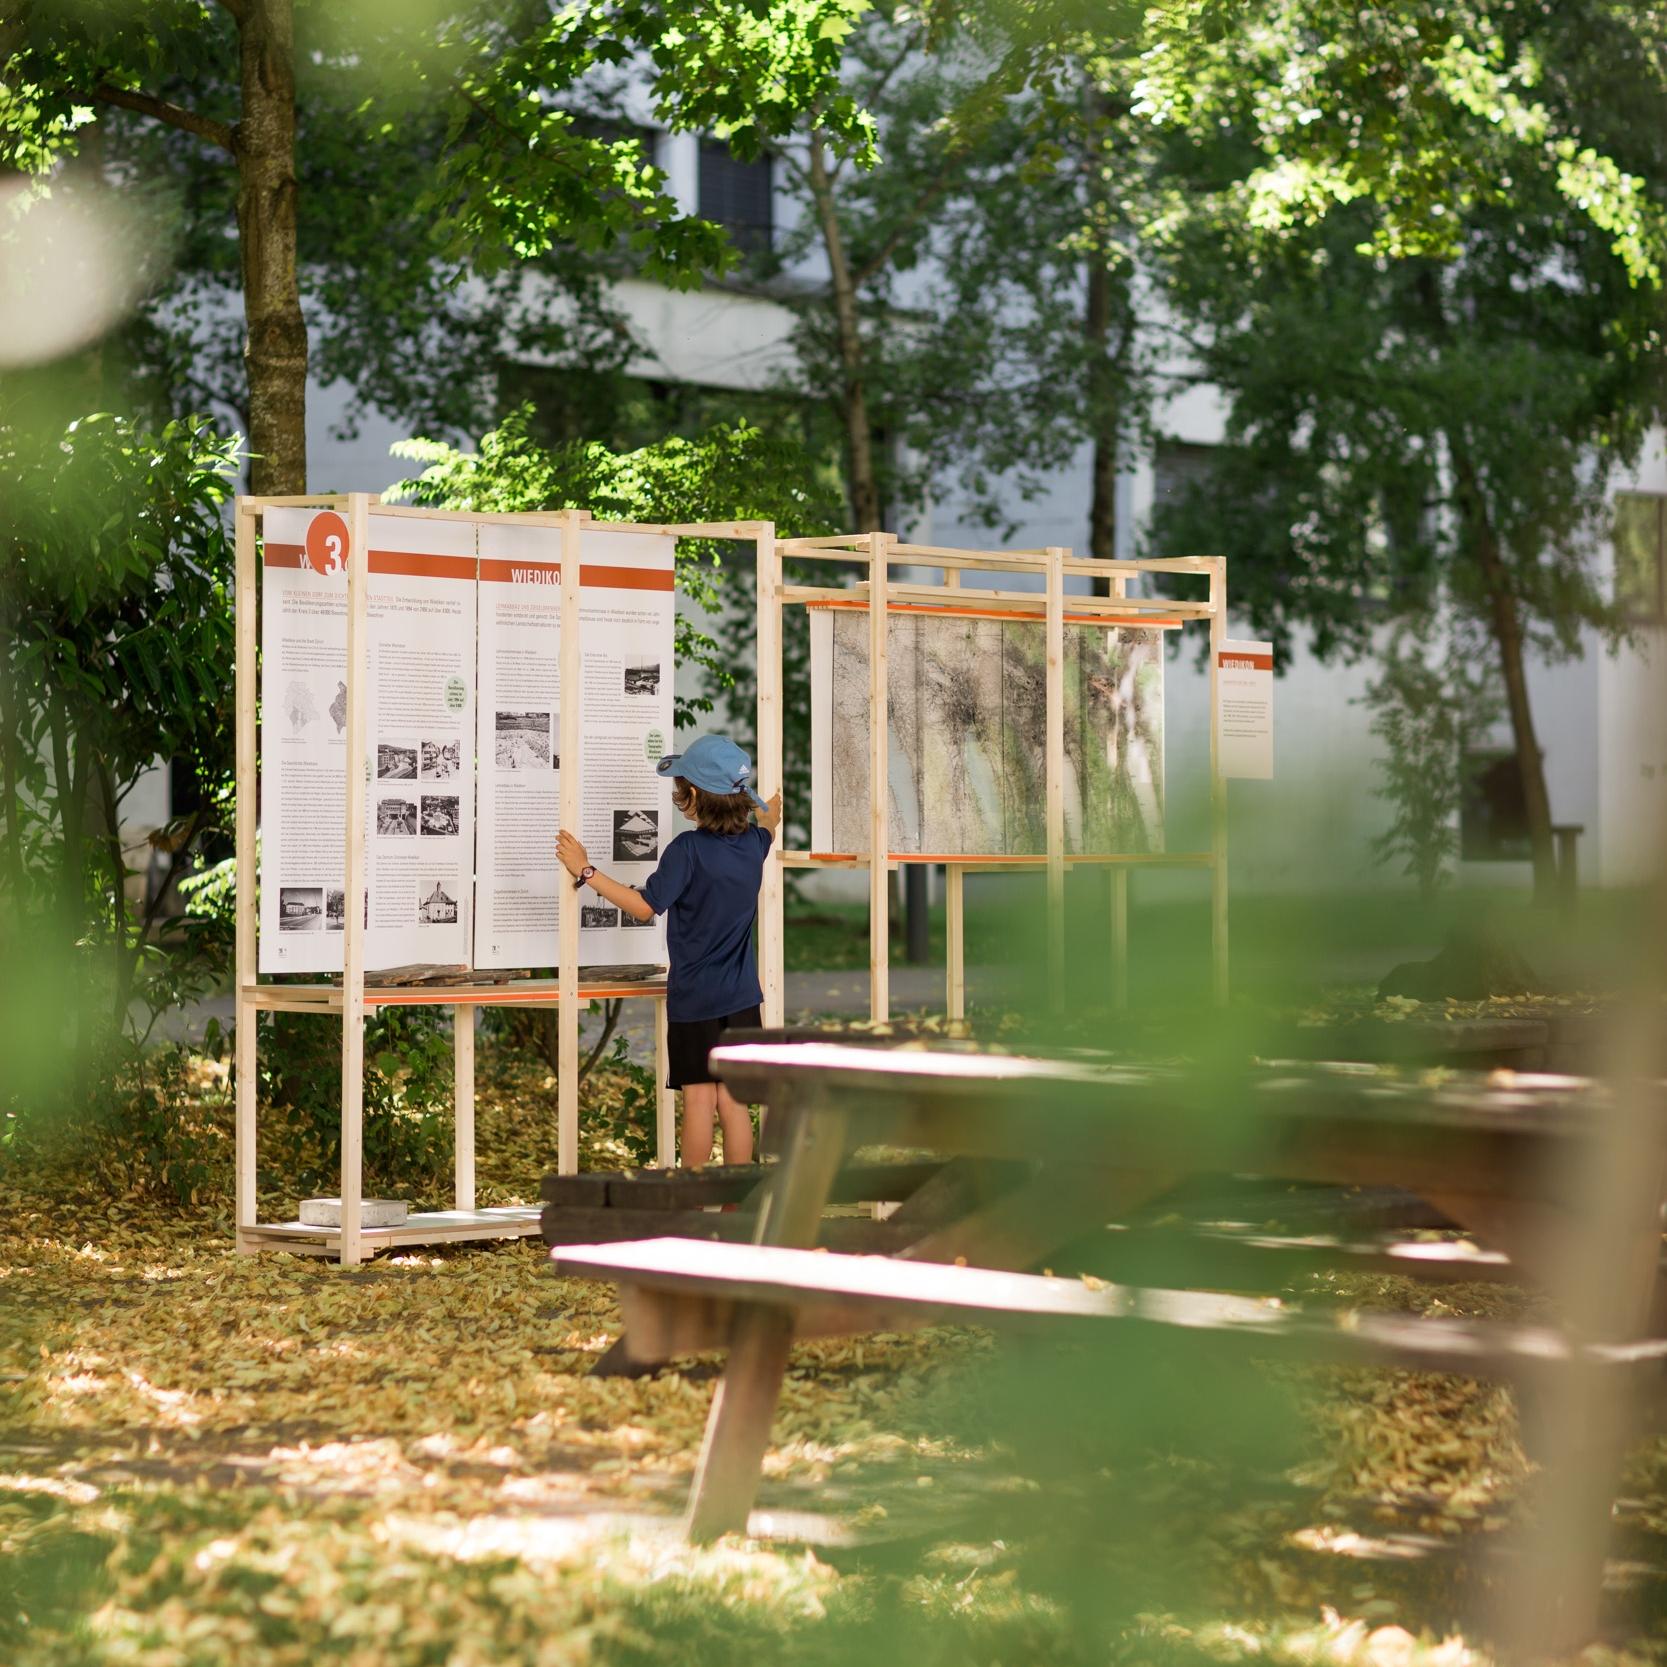 Ausstellung zum Tag der offenen TüreTriemli 1 - Die Ausstellung zur neuen Siedlung Triemli 1 wurde im Auftrag der Baugenossenschaft Rotach Zürich für den Tag der offenen Türe vom 17. Juni 2017 konzipiert. Weitere Informationen zum Projekt finden Sie hier.